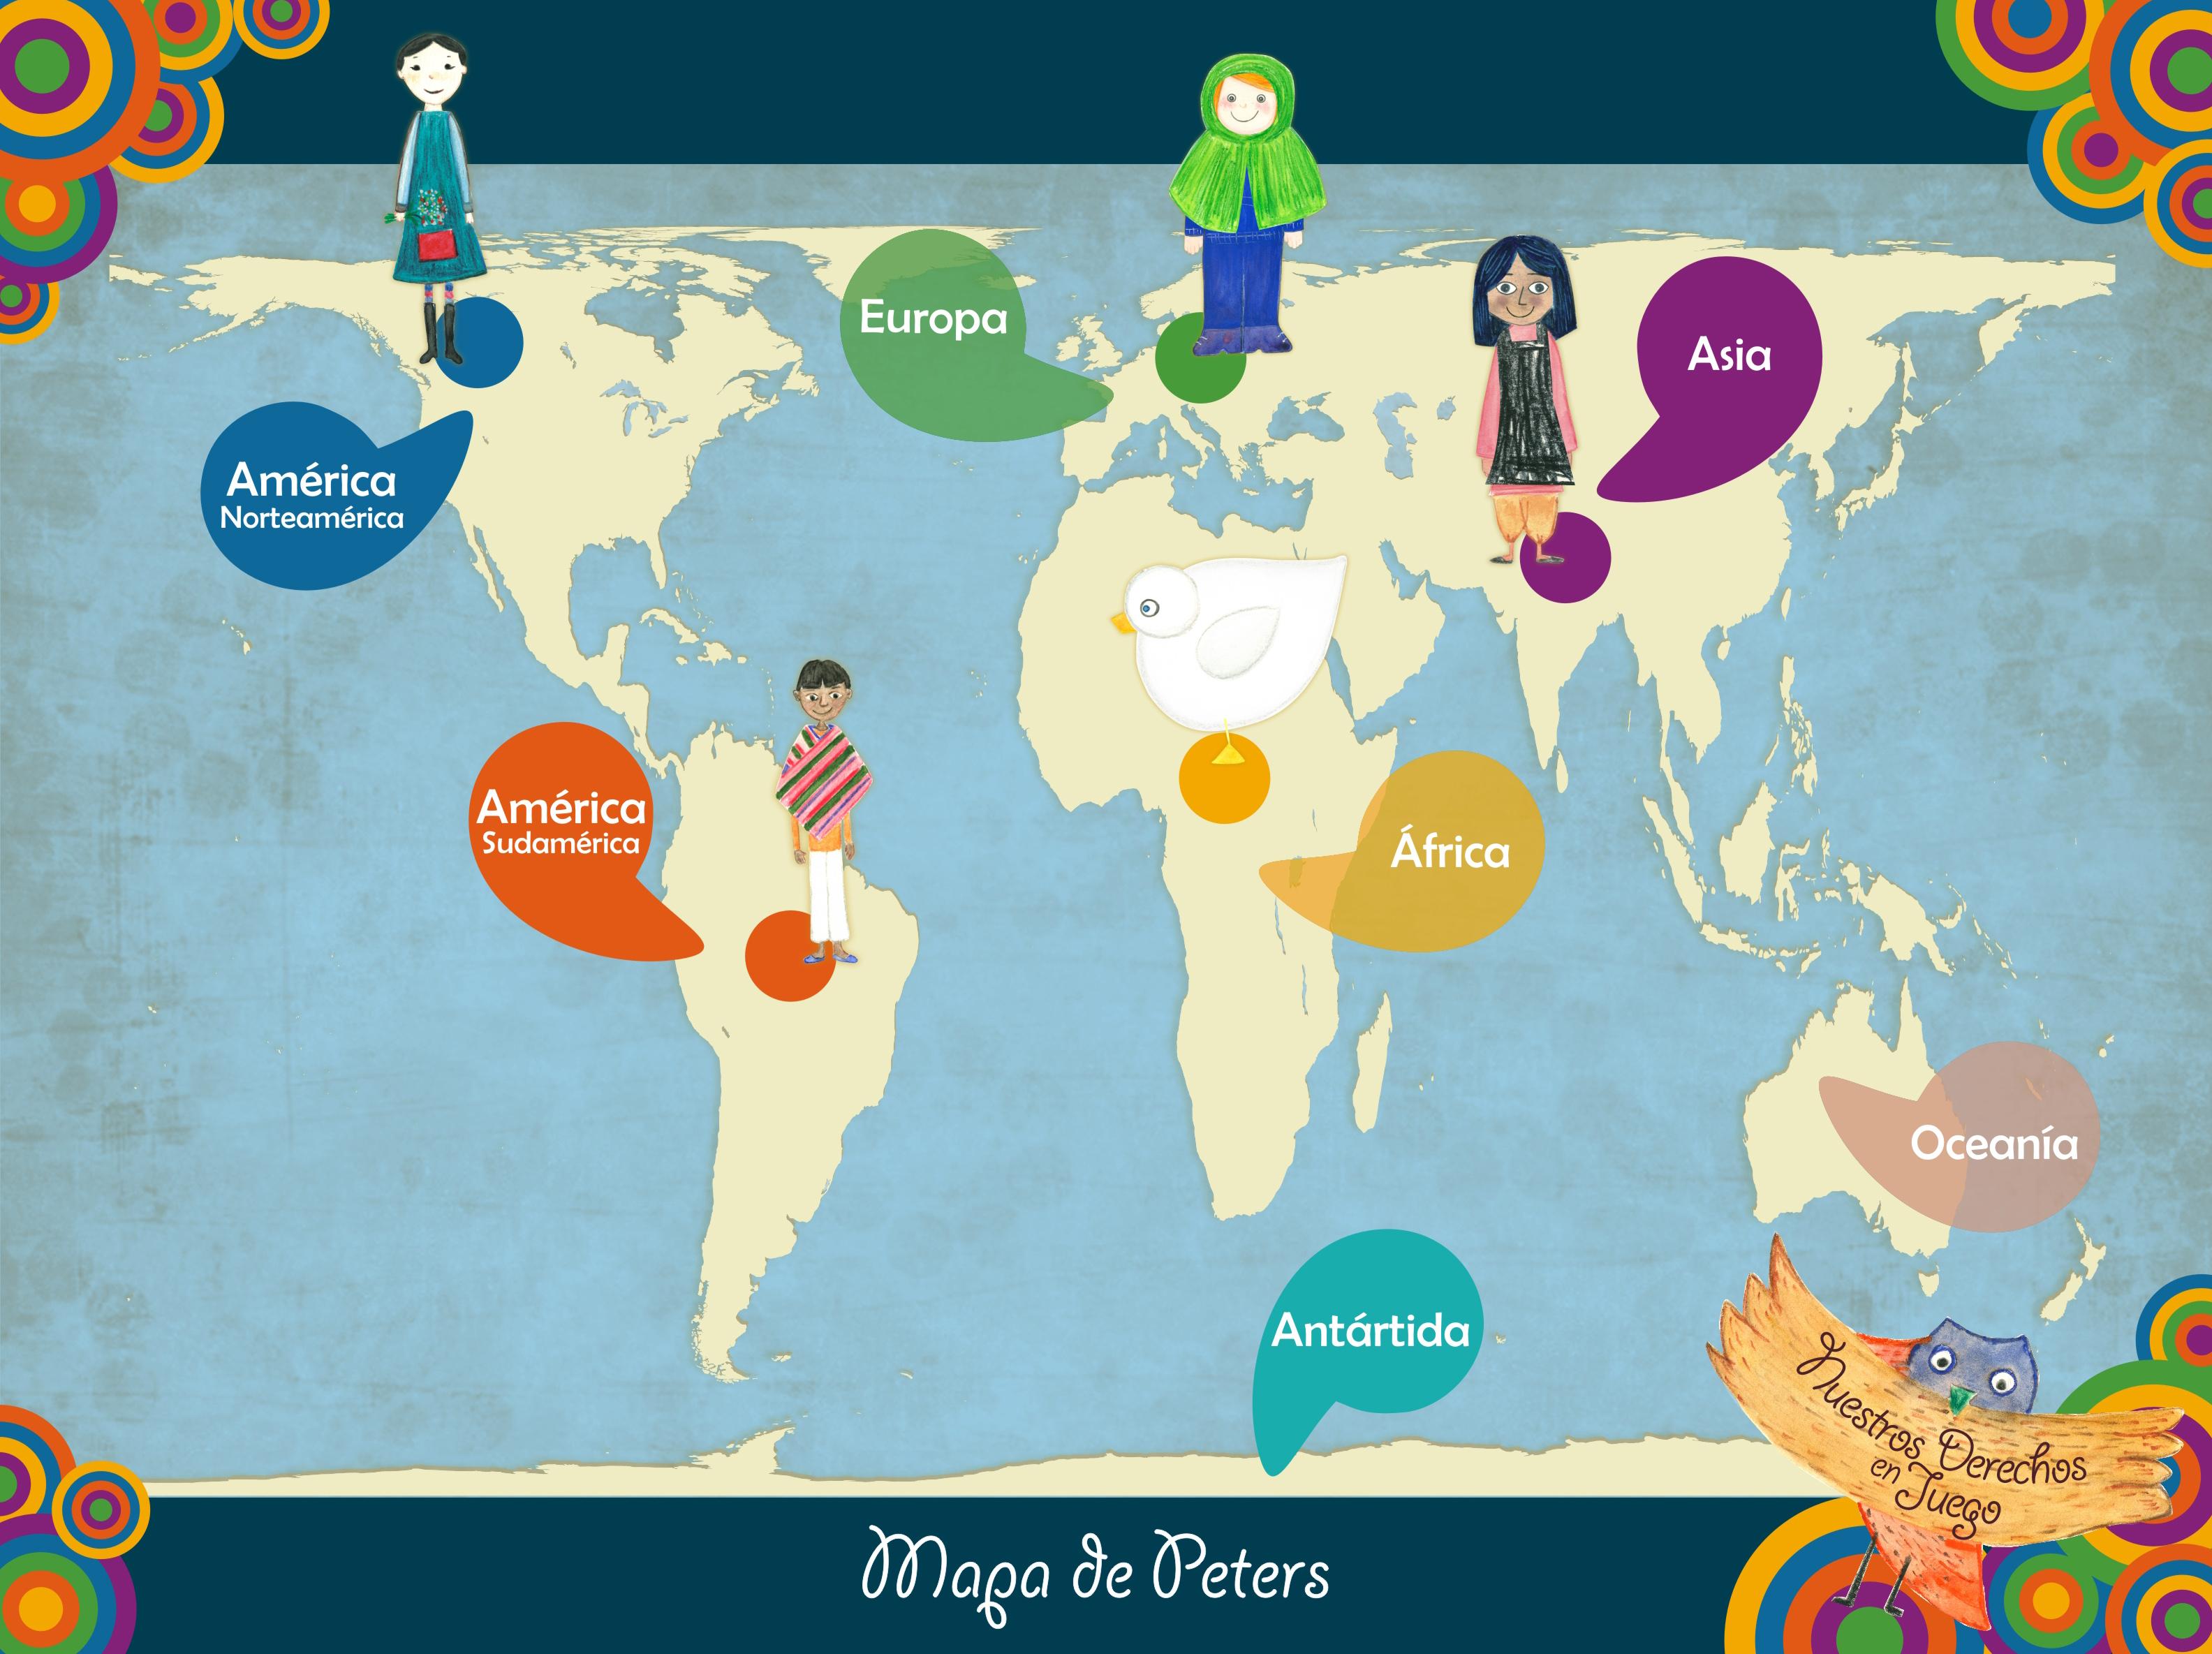 Nuestros Derechos En Juego Derechos Humanos En Educación Infantil - America mapa juego